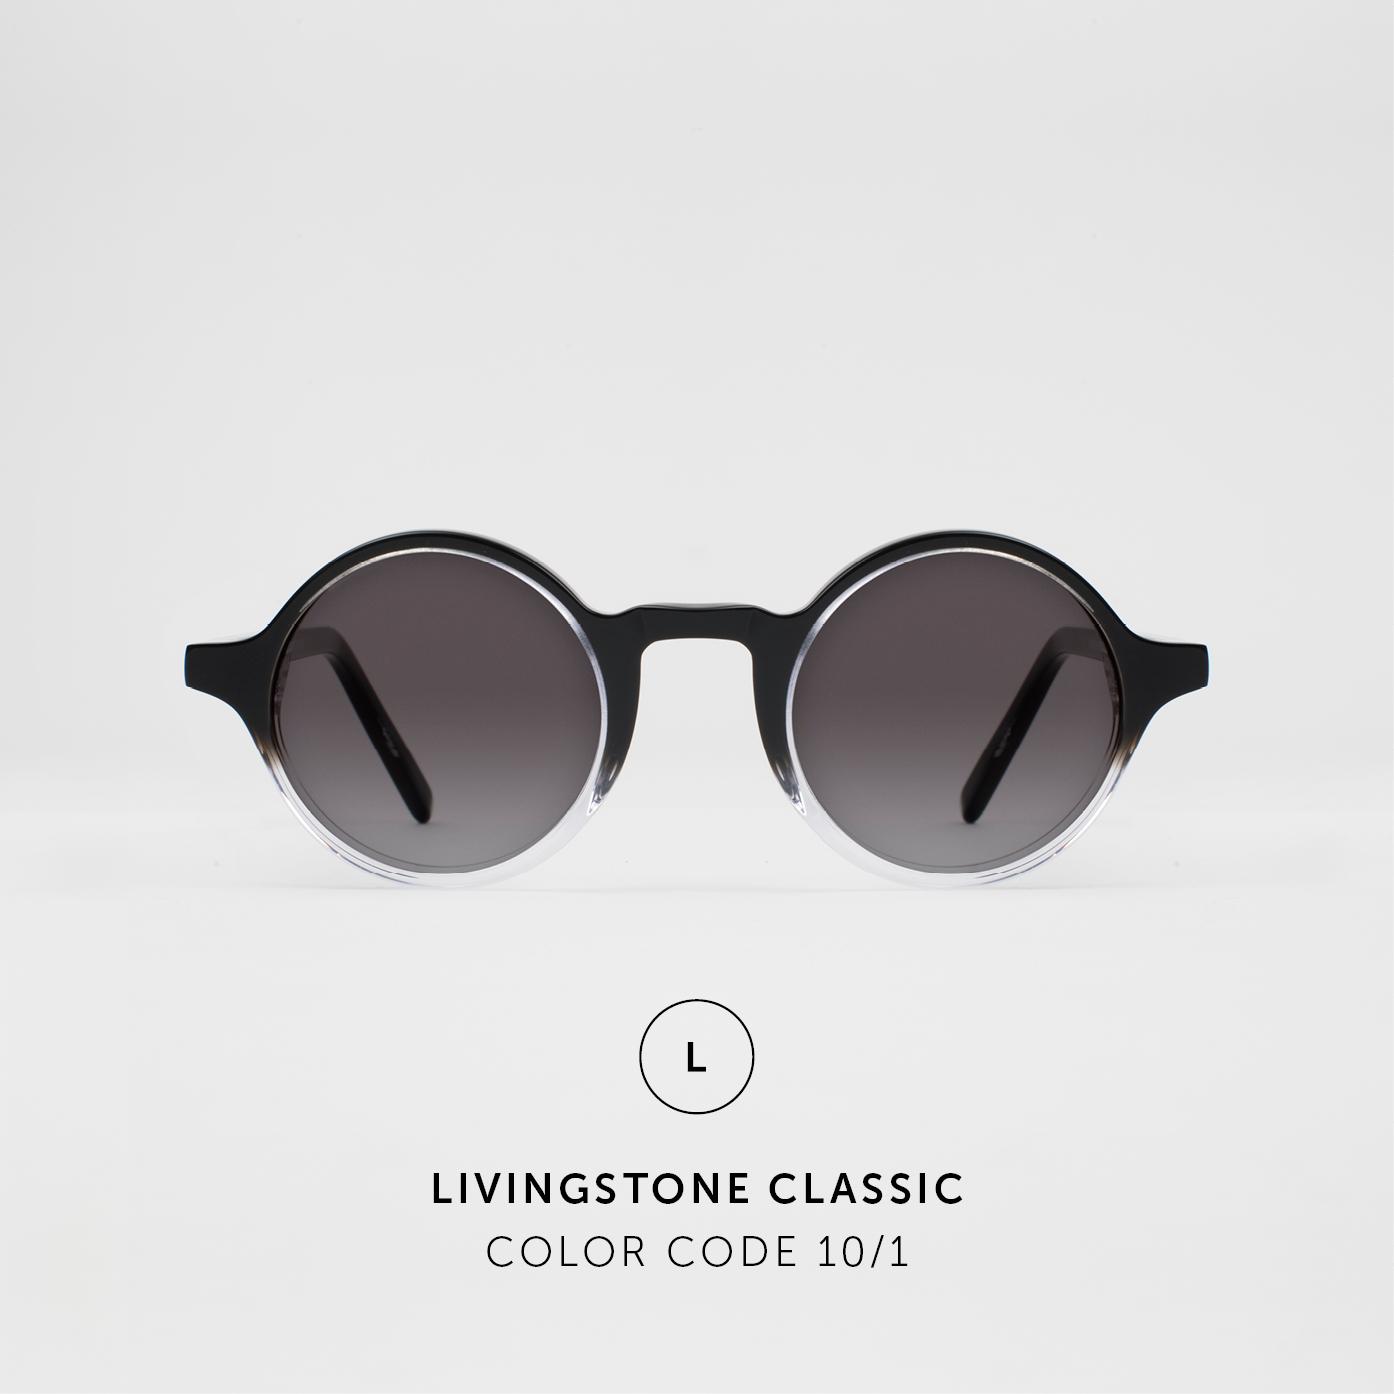 LivingstoneClassic47.jpg